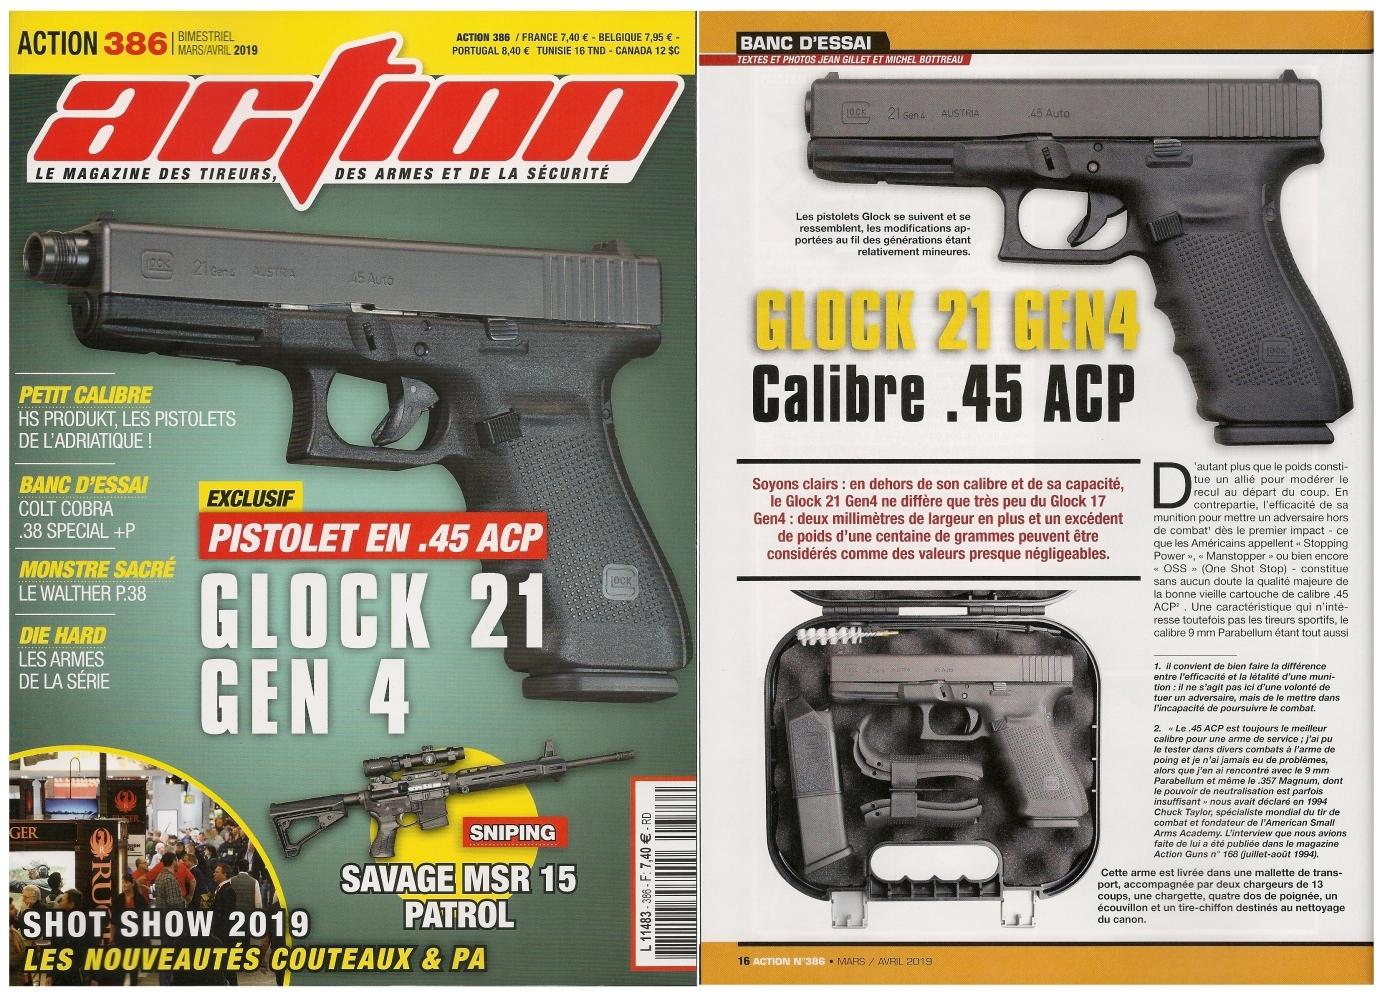 Le banc d'essai du pistolet Glock 21 Gen4 a été publié sur 6 pages dans le magazine Action n°386 (mars/avril 2019).